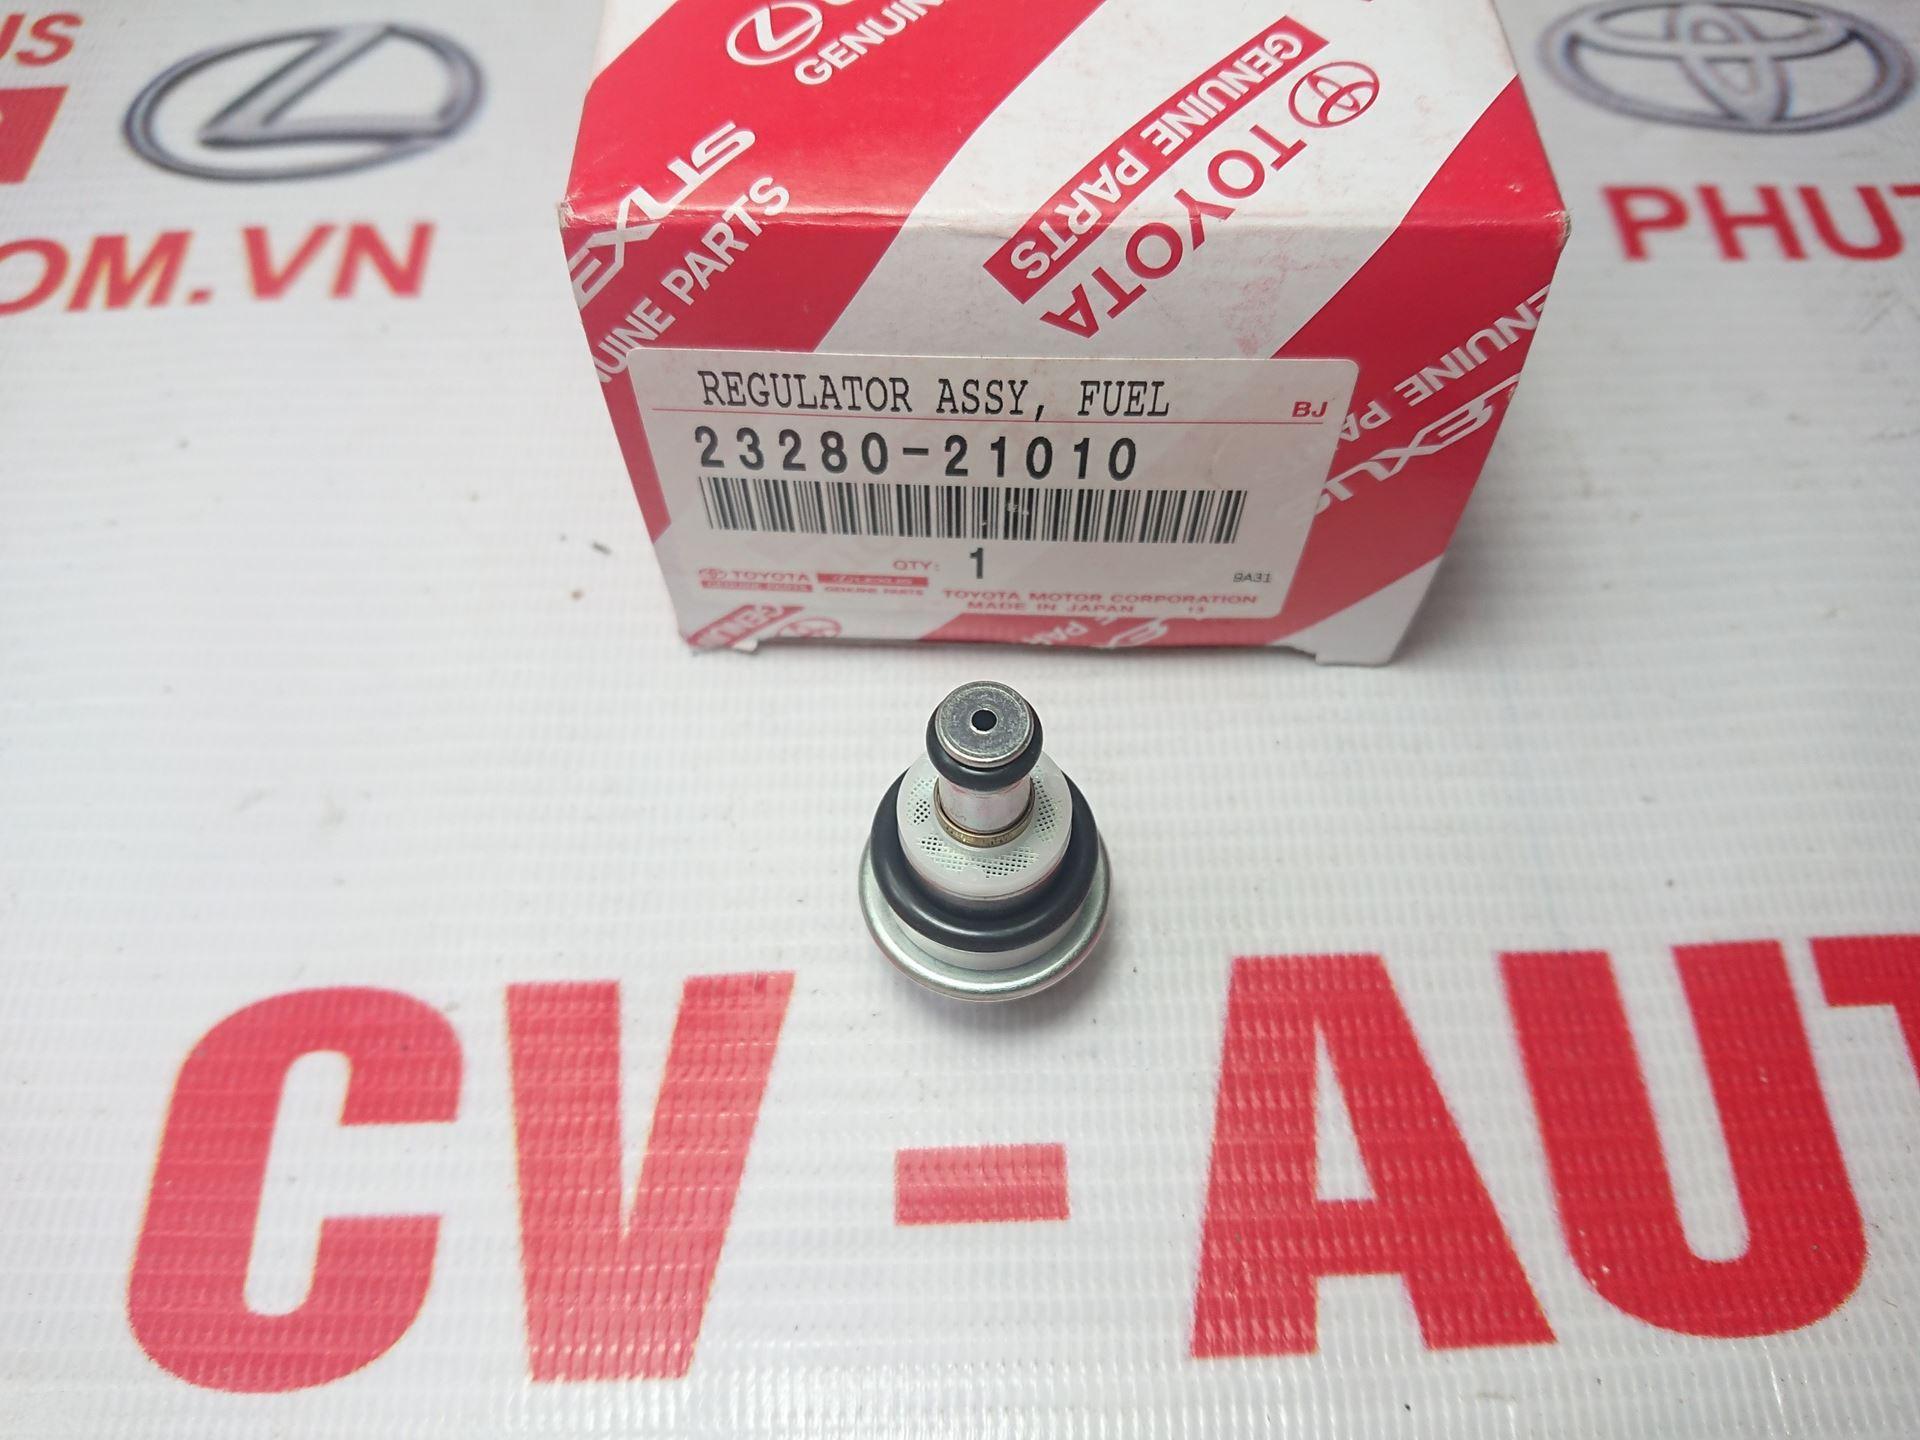 Picture of 23280-21010 Van điều áp xăng Toyota, Lexus hàng chính hãng